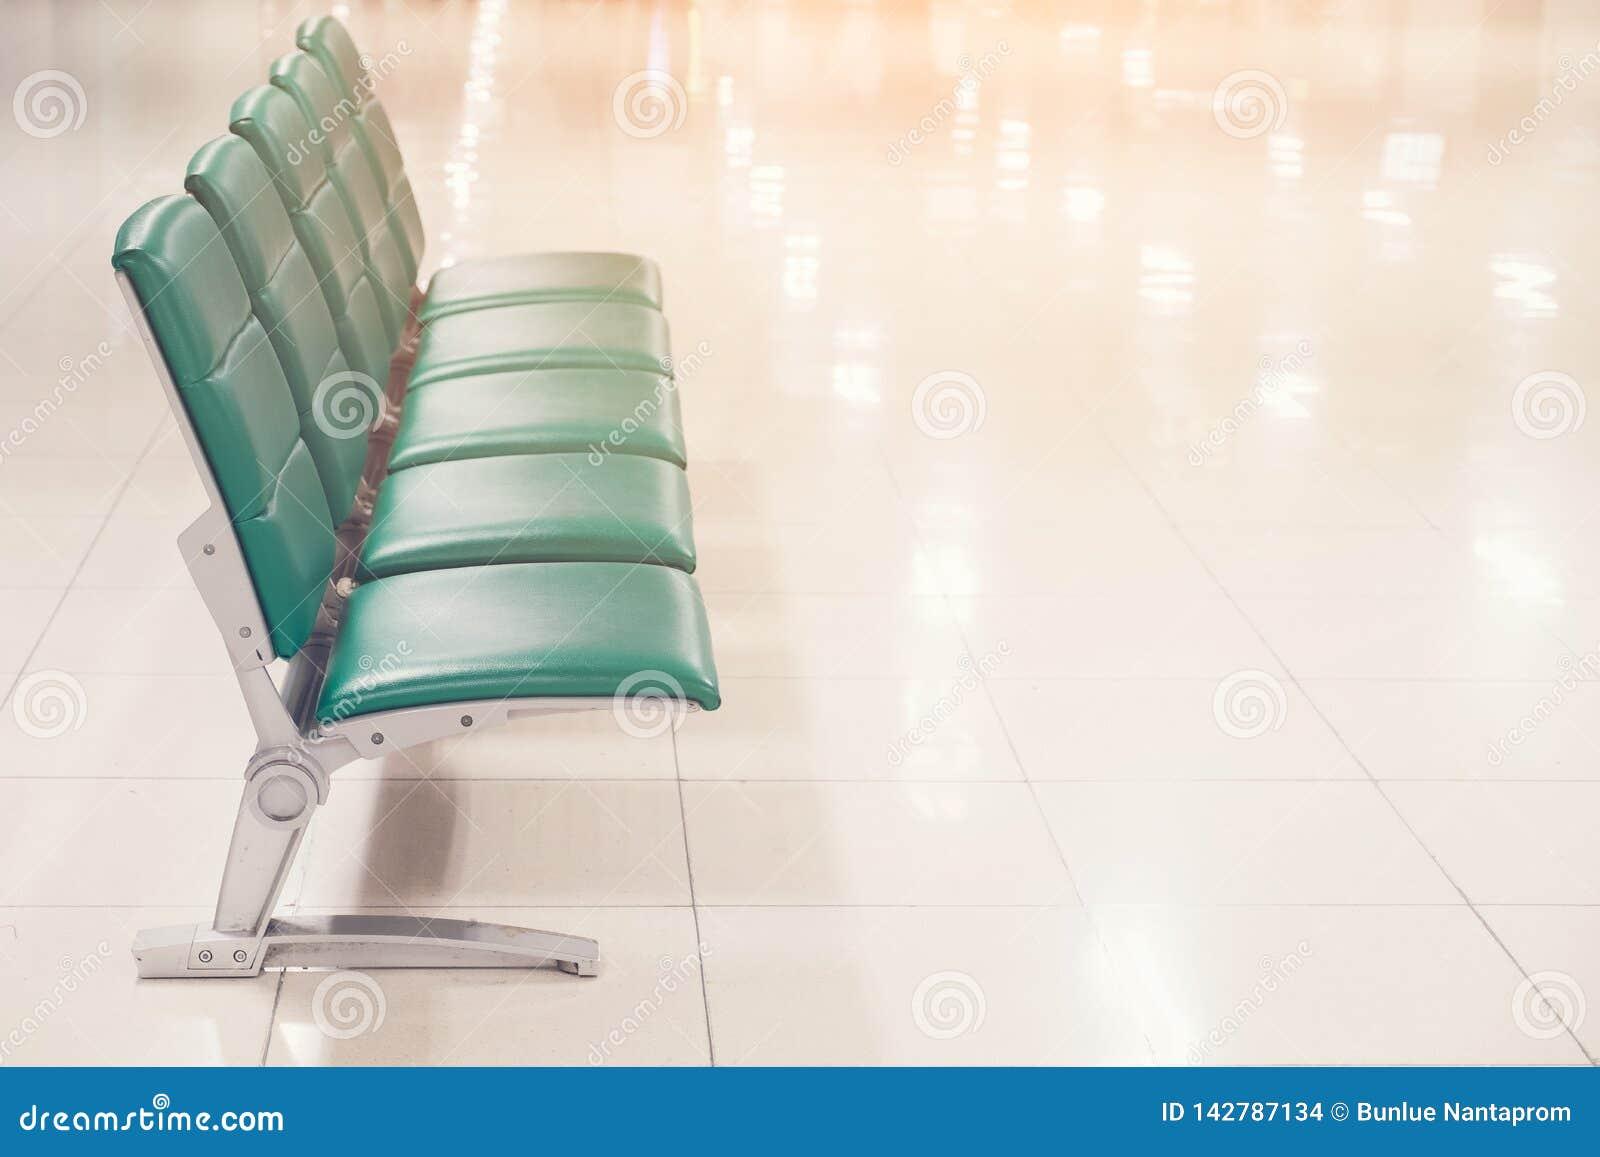 Puste siedzenia przy biznesem lub krzesłami są zielonym skórą z metal nogami i żadny podłokietnika czekania terenem